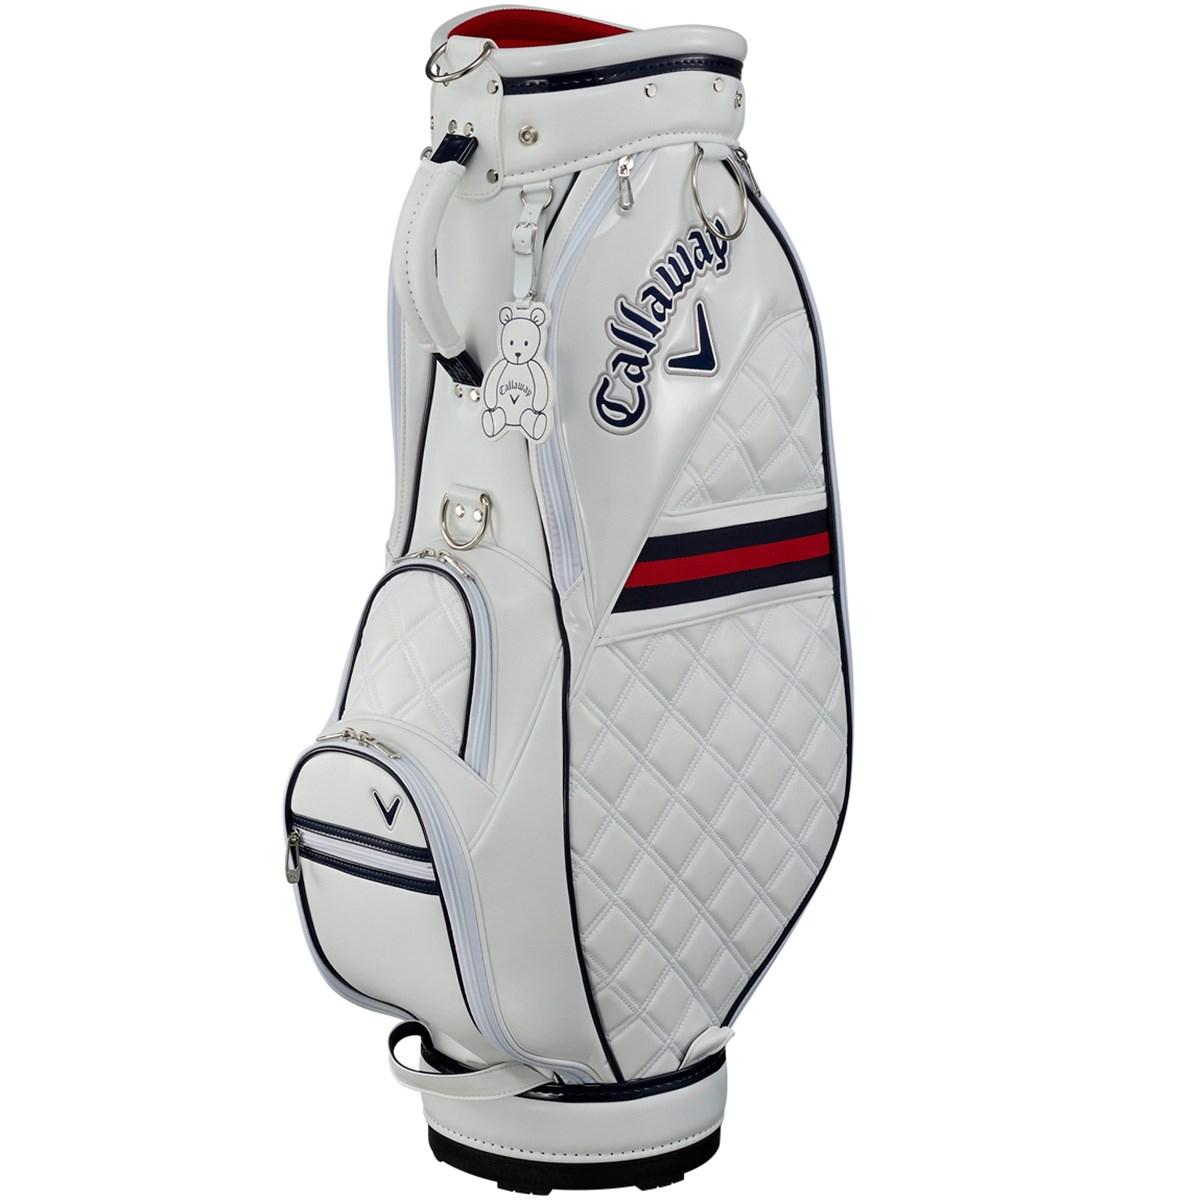 キャロウェイゴルフ(Callaway Golf) BG CT PU SPORT JM キャディバッグレディス